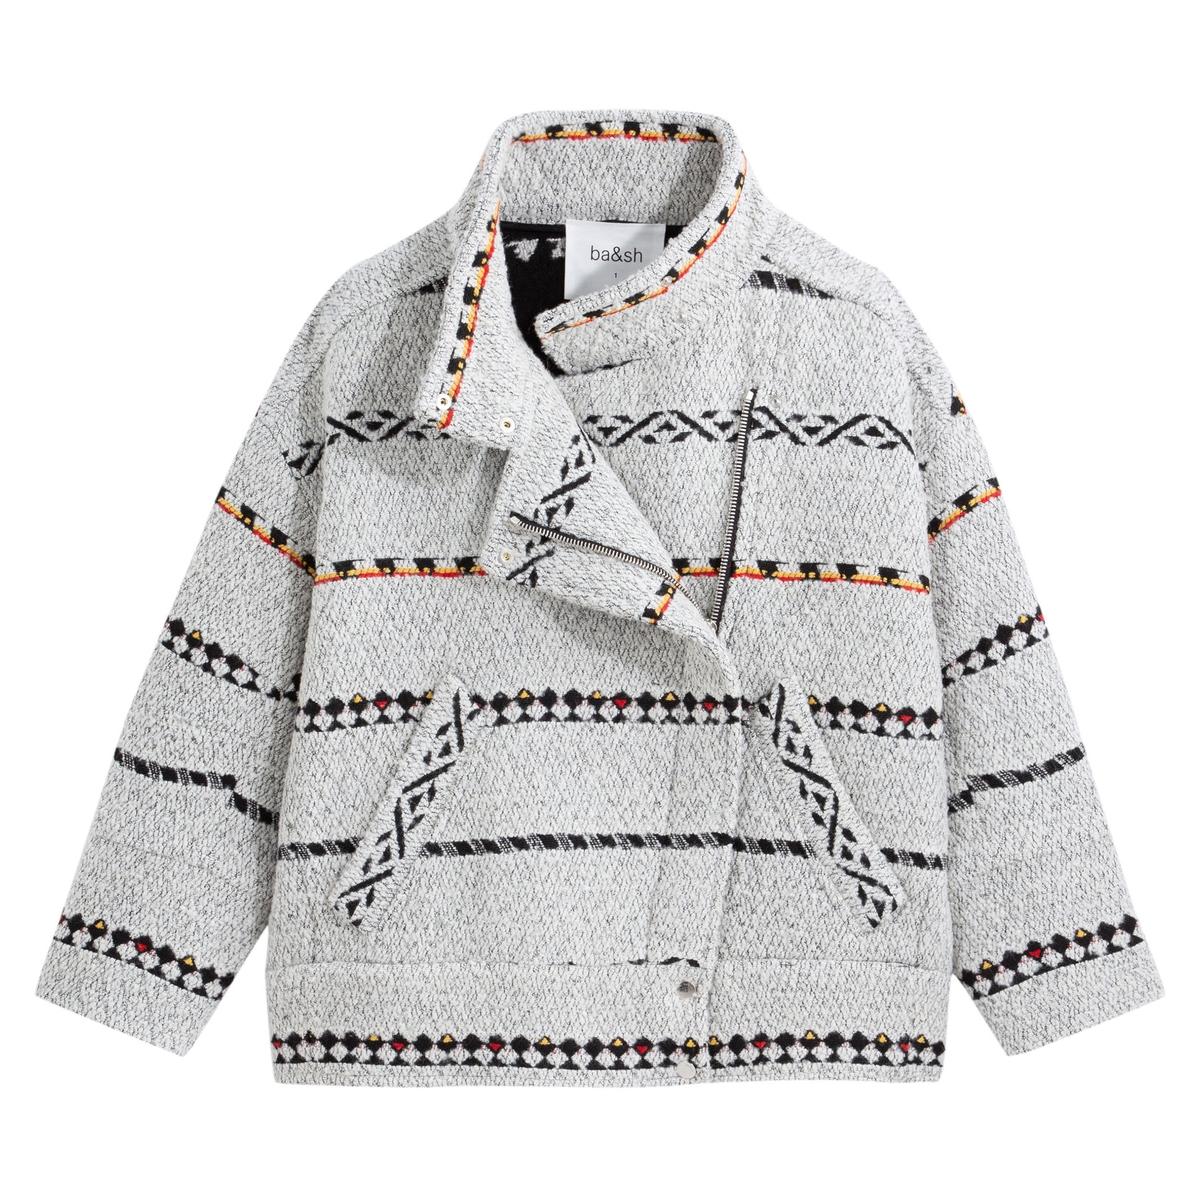 Пальто La Redoute Короткое в этническом стиле EDEN 1(S) серый mayamoda пальто oversize